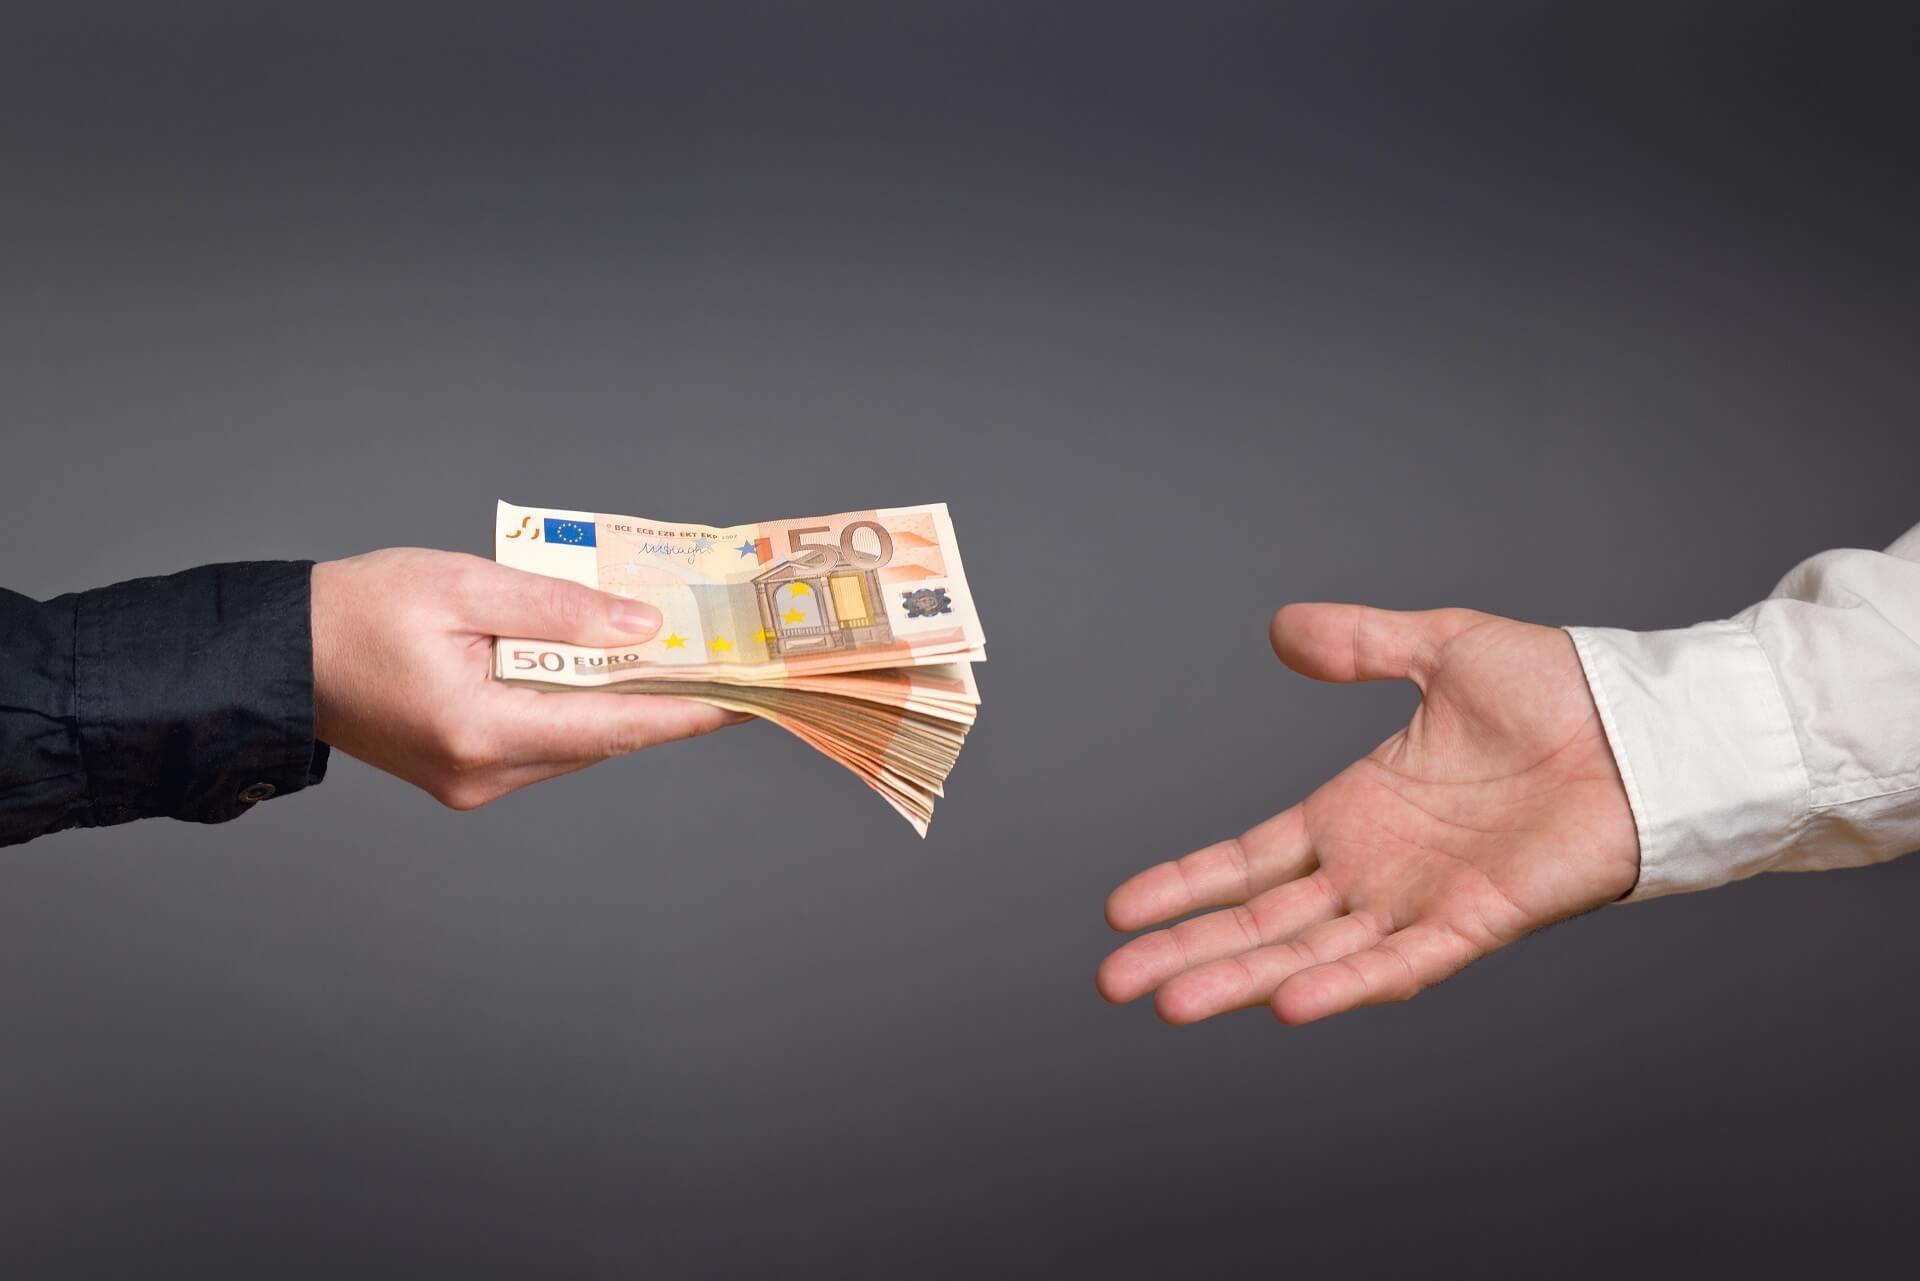 Kus peitub tööturul raha tegelikult? Nii teenid 1500 eurot ja rohkem kätte! 2